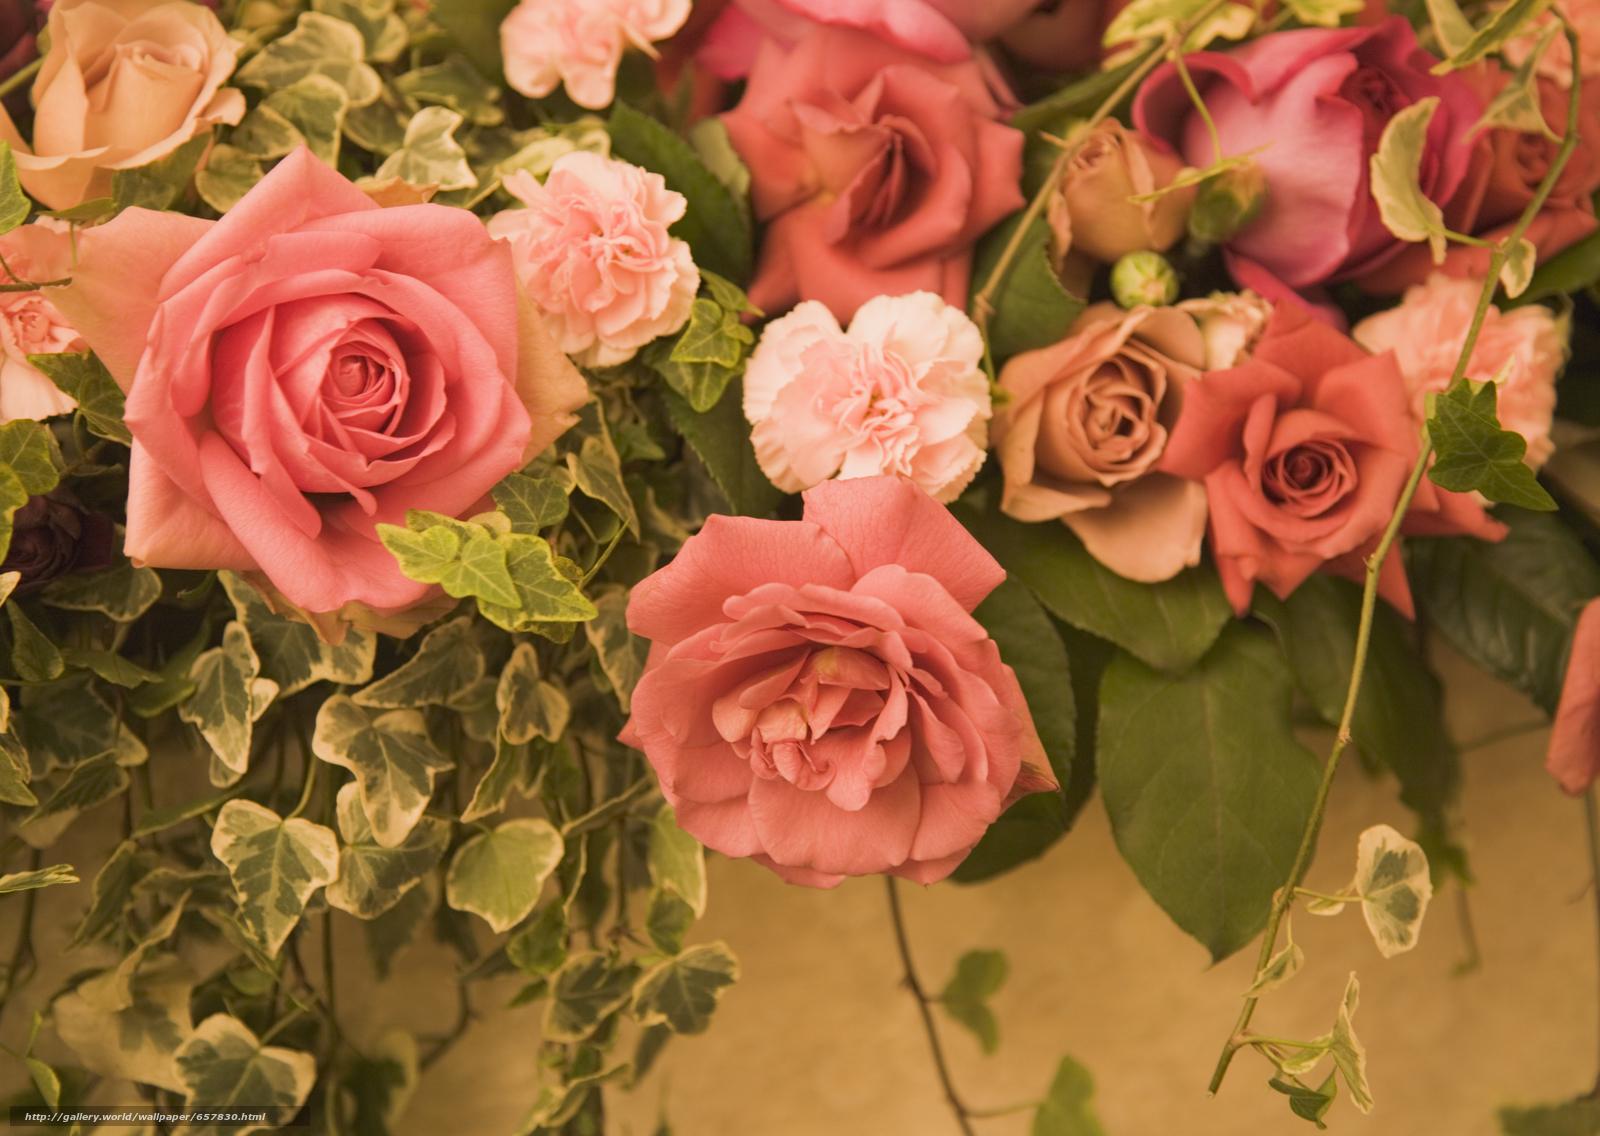 壁紙をダウンロード フラワーズ,  花,  ローズ,  バラ デスクトップの解像度のための無料壁紙 2950x2094 — 絵 №657830